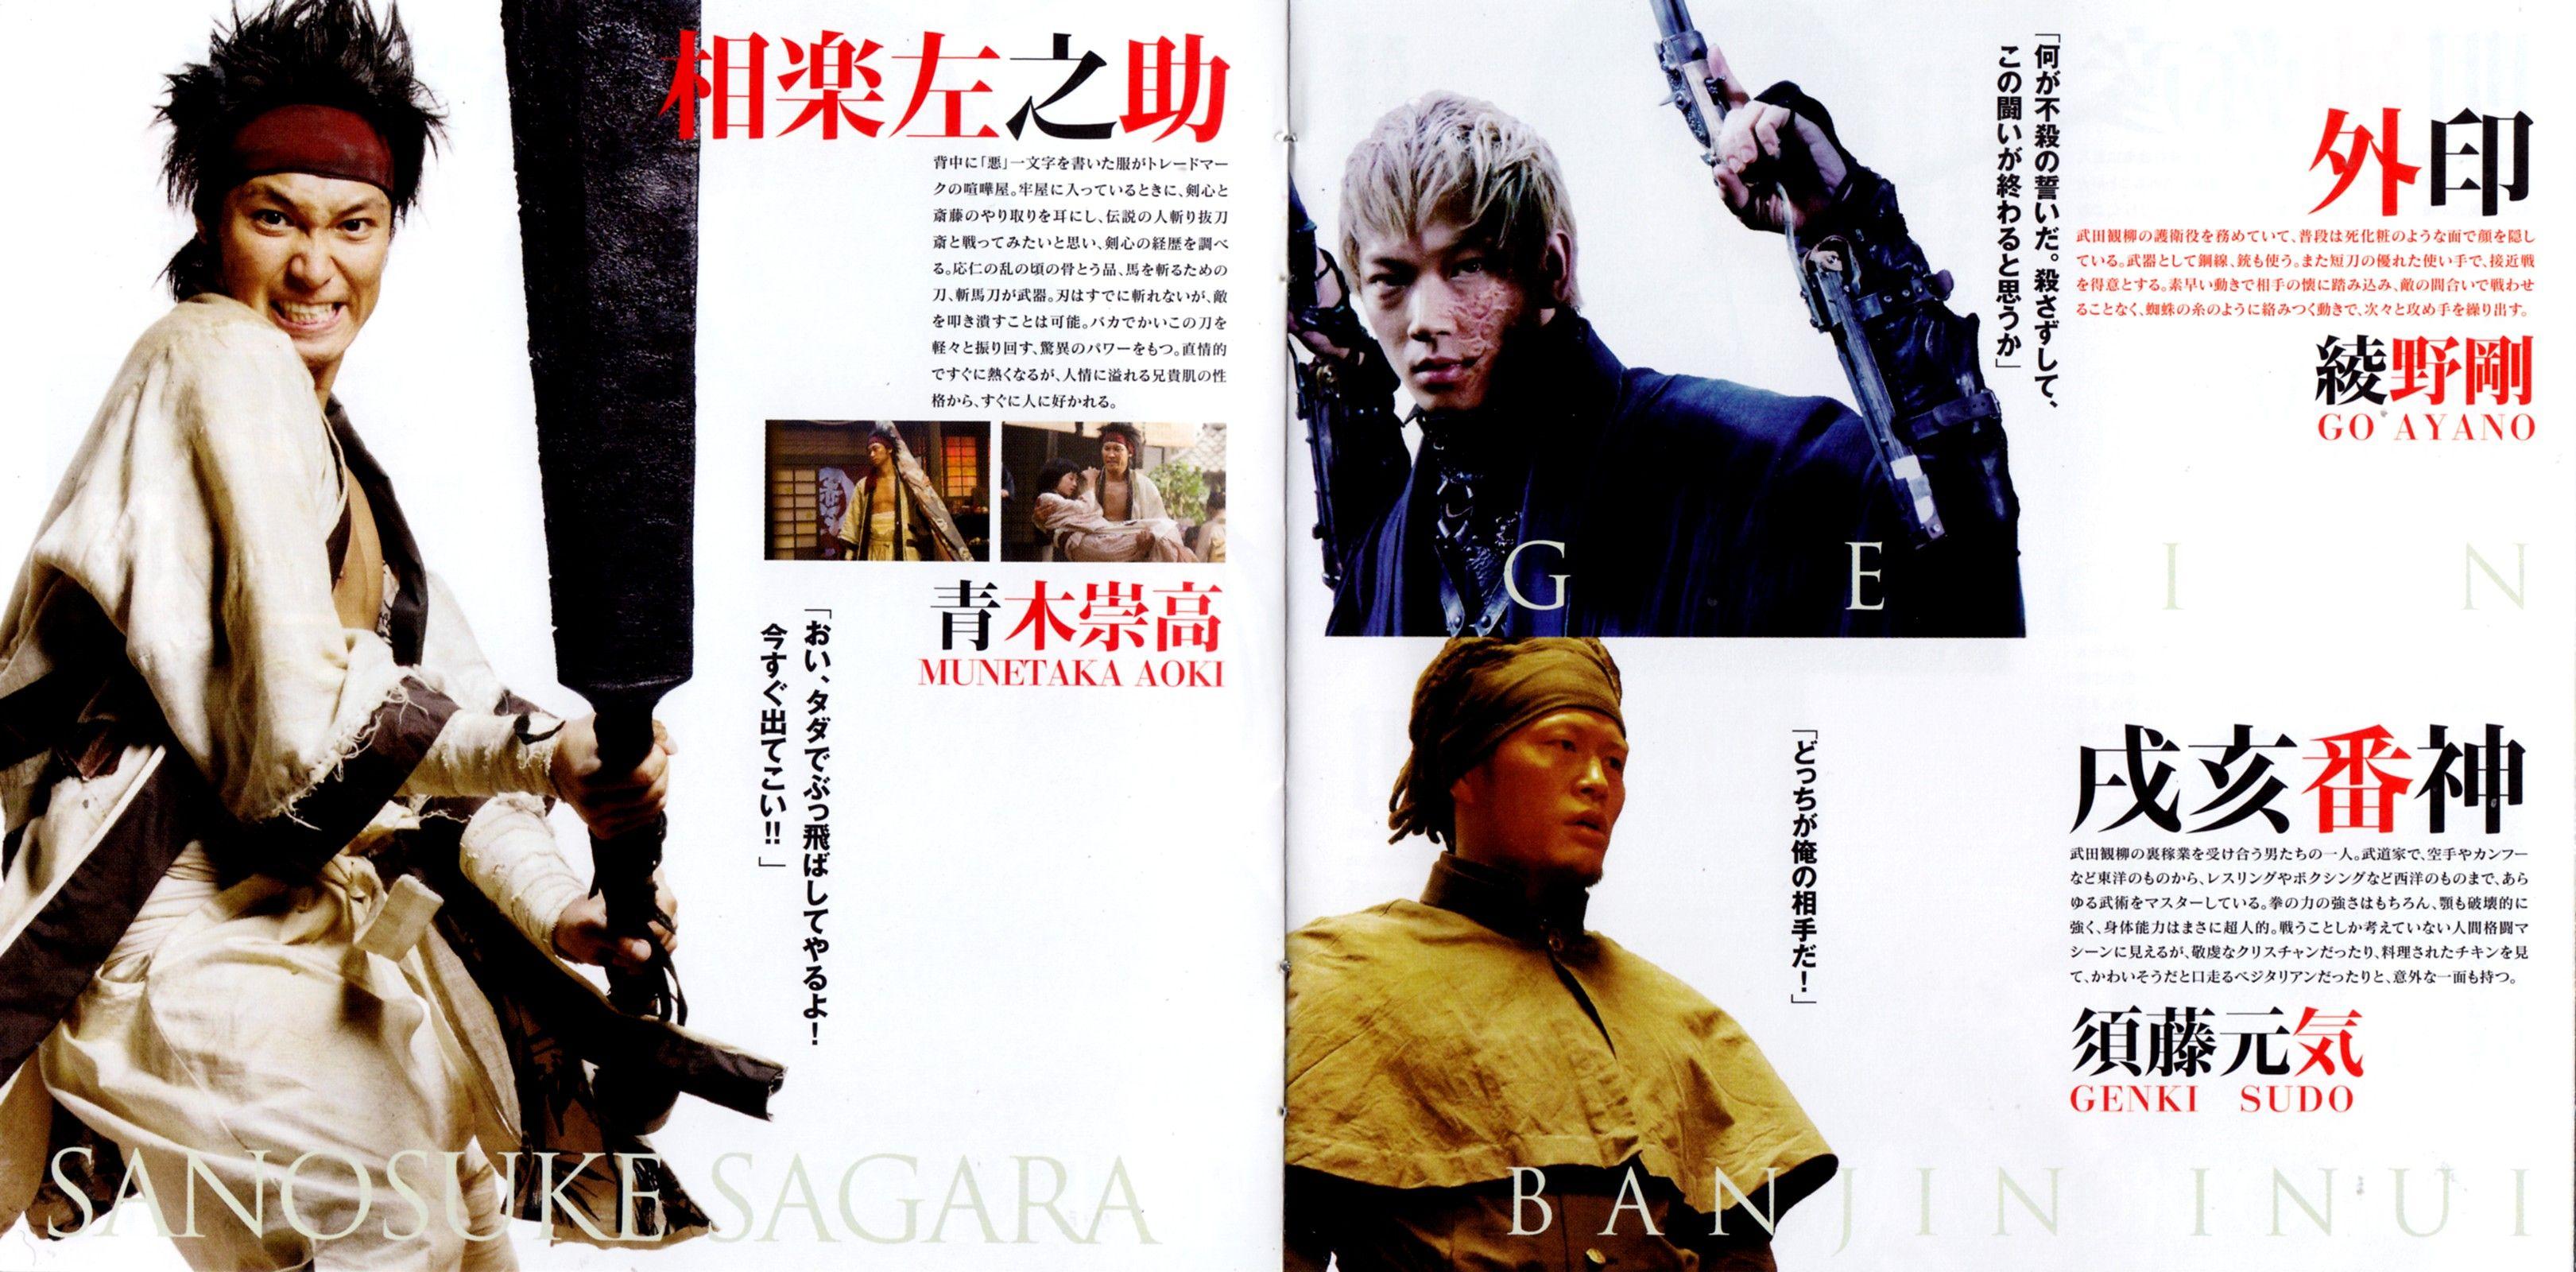 Rurouni Kenshin live action, Sanosuke Sagara | Rurouni ...